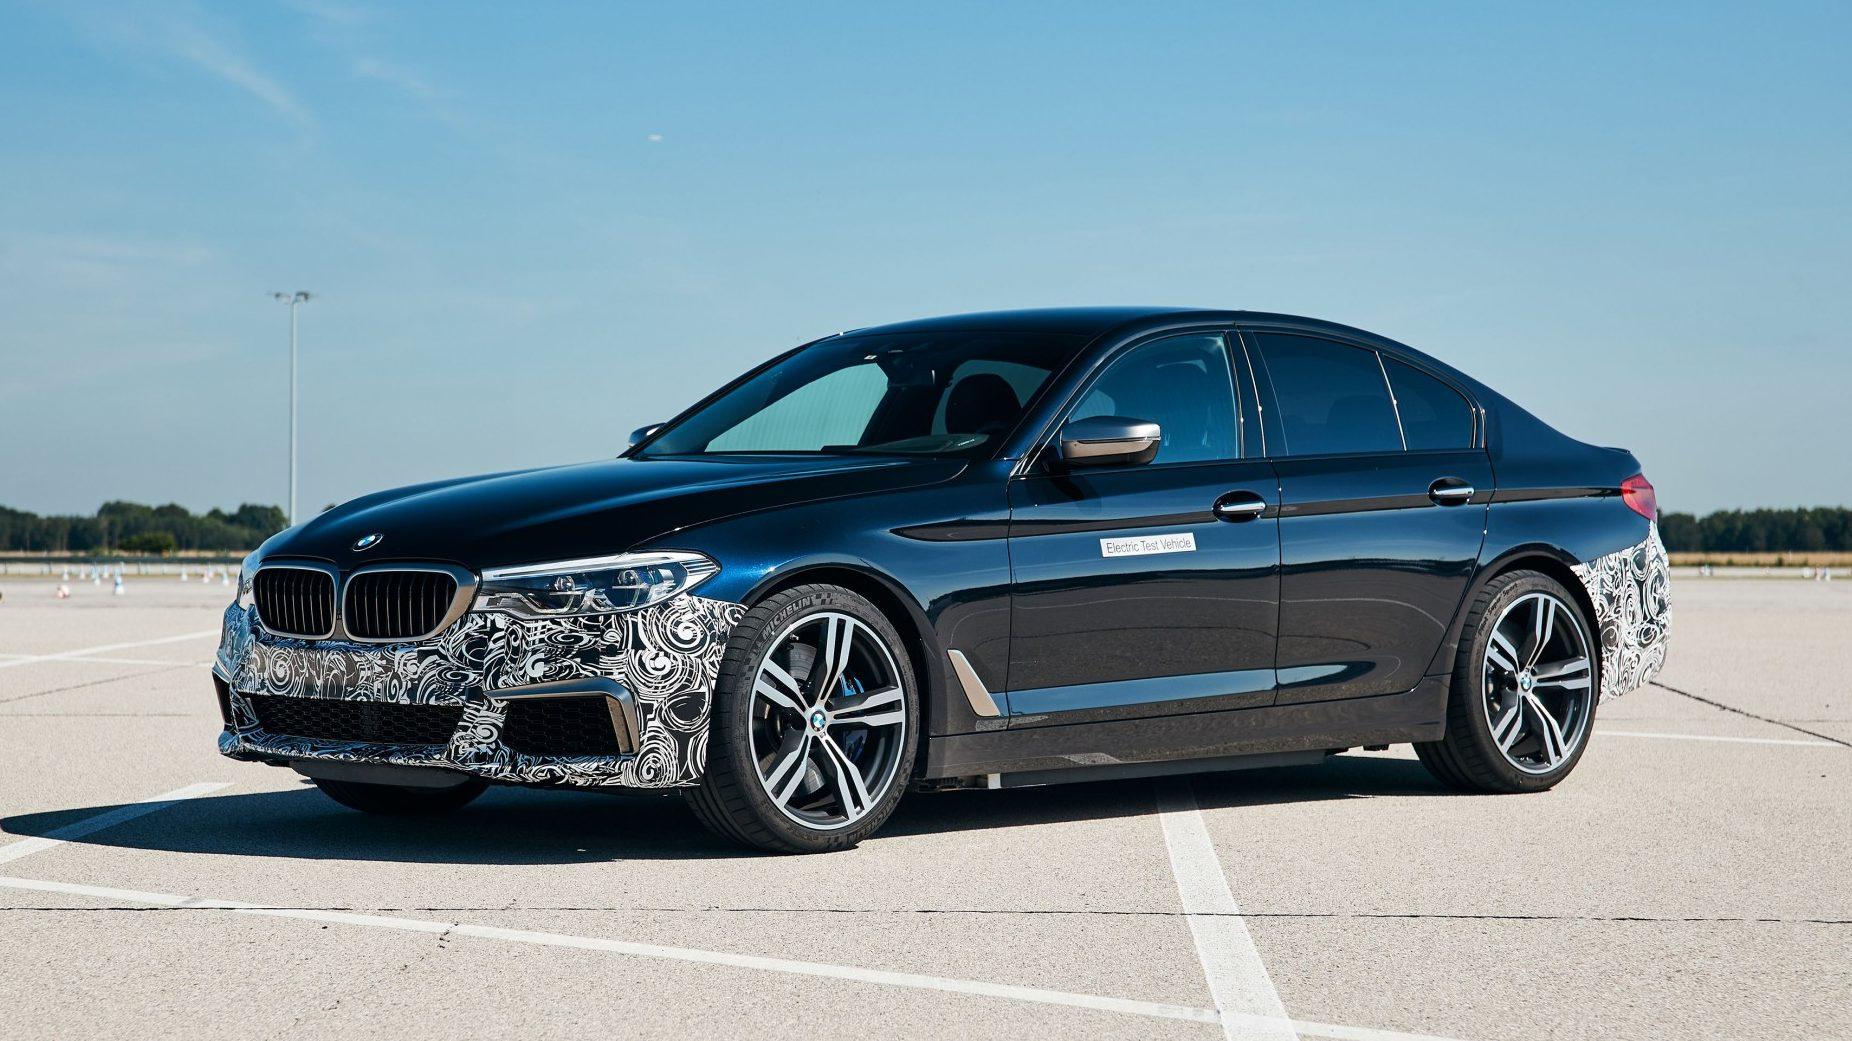 El BMW Serie 5 Power BEV es una berlina eléctrica de 720 CV